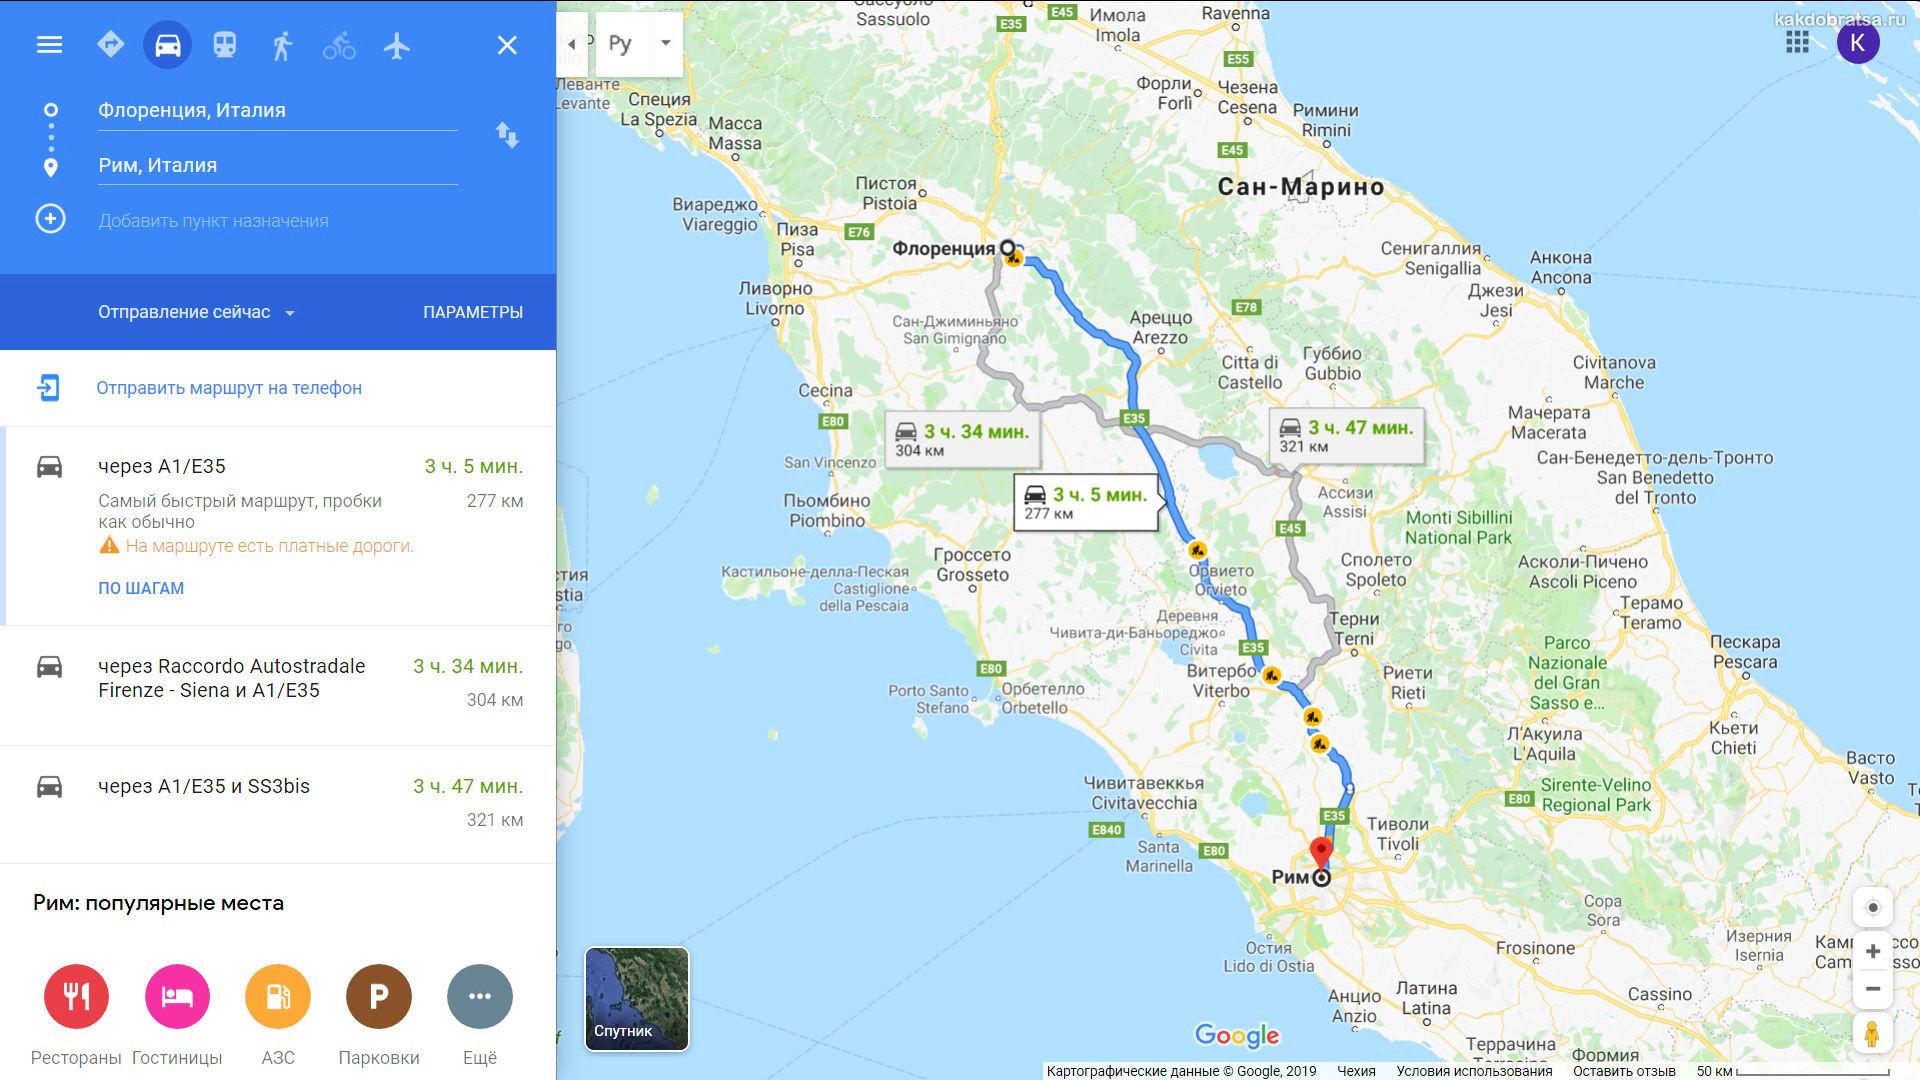 Как добраться из Рима во Флоренцию карта и время в пути